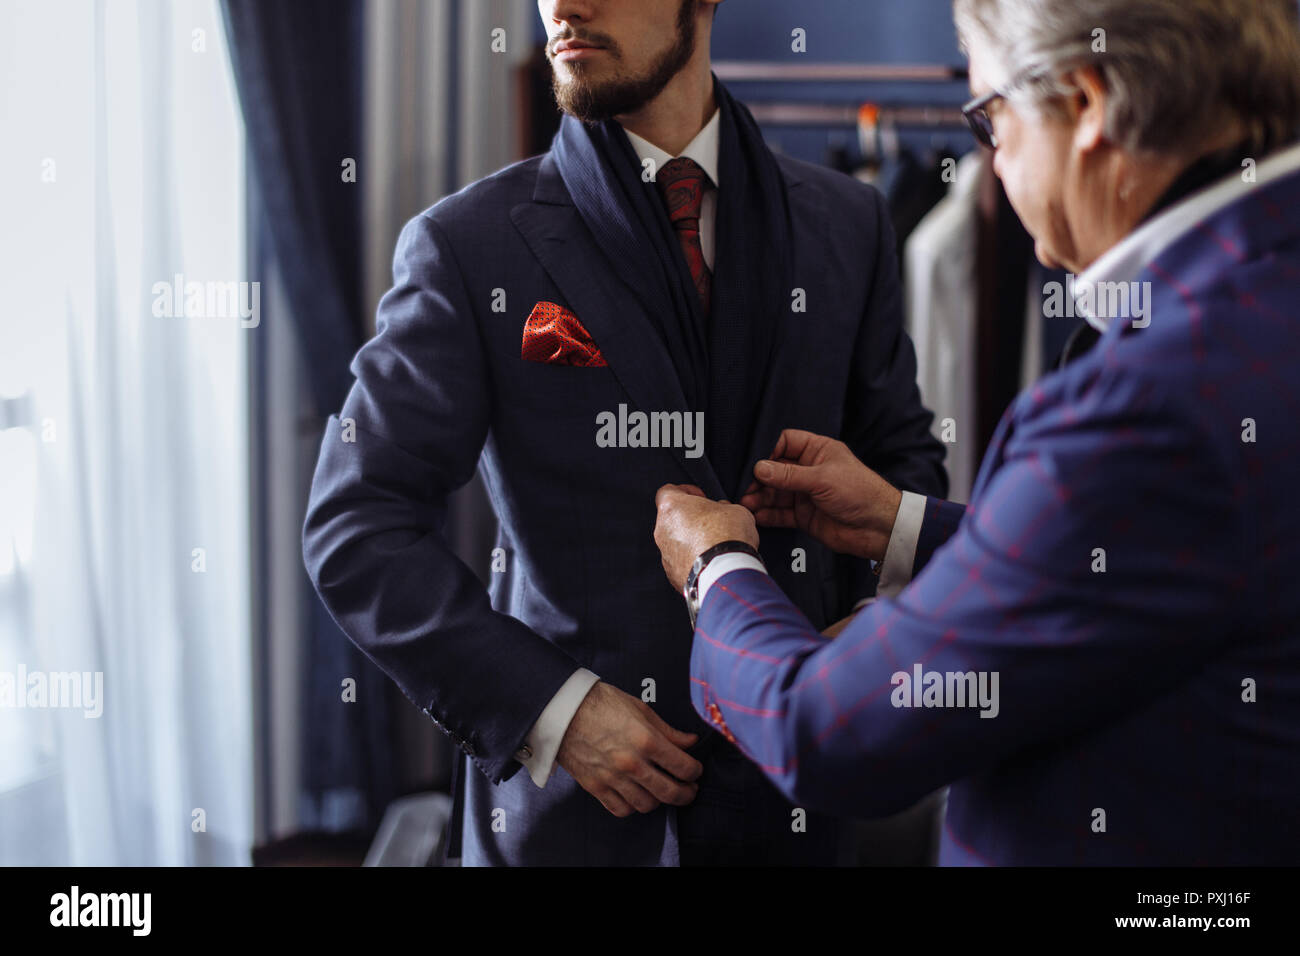 Maßgeschneiderte mit Client im Atelier. Nähen maßgeschneiderte Anzug Stockbild